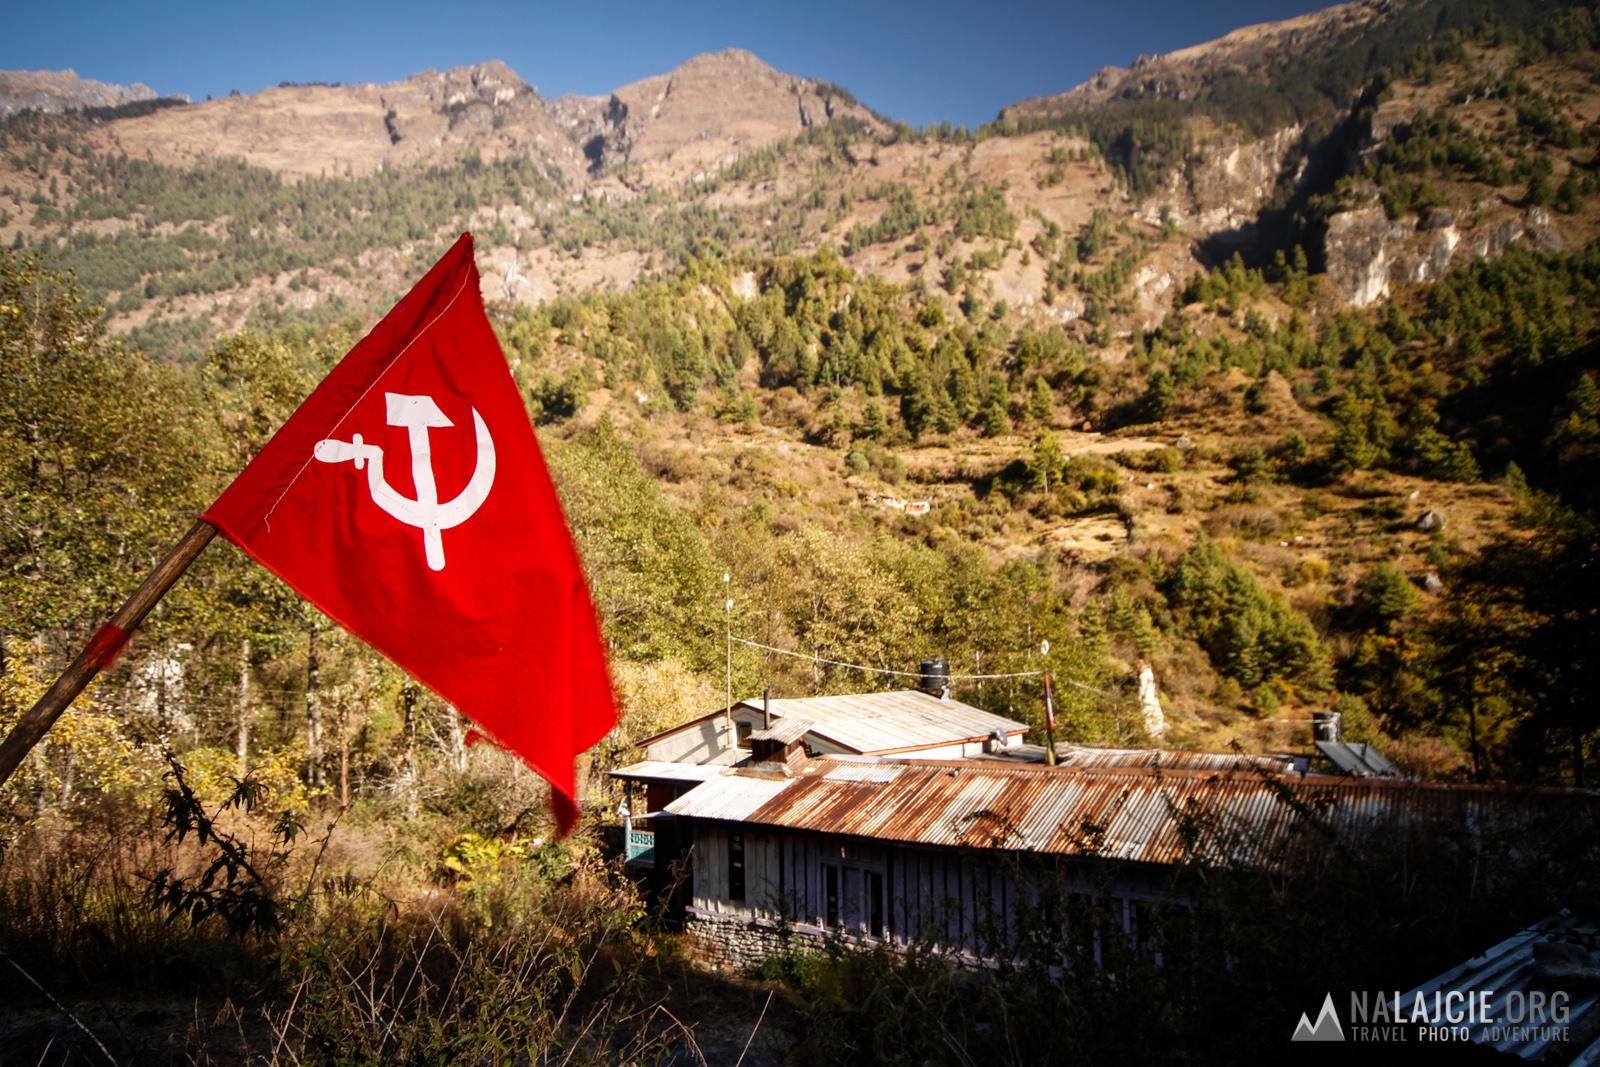 Partia sierpa i młota - tropem Maoistów.